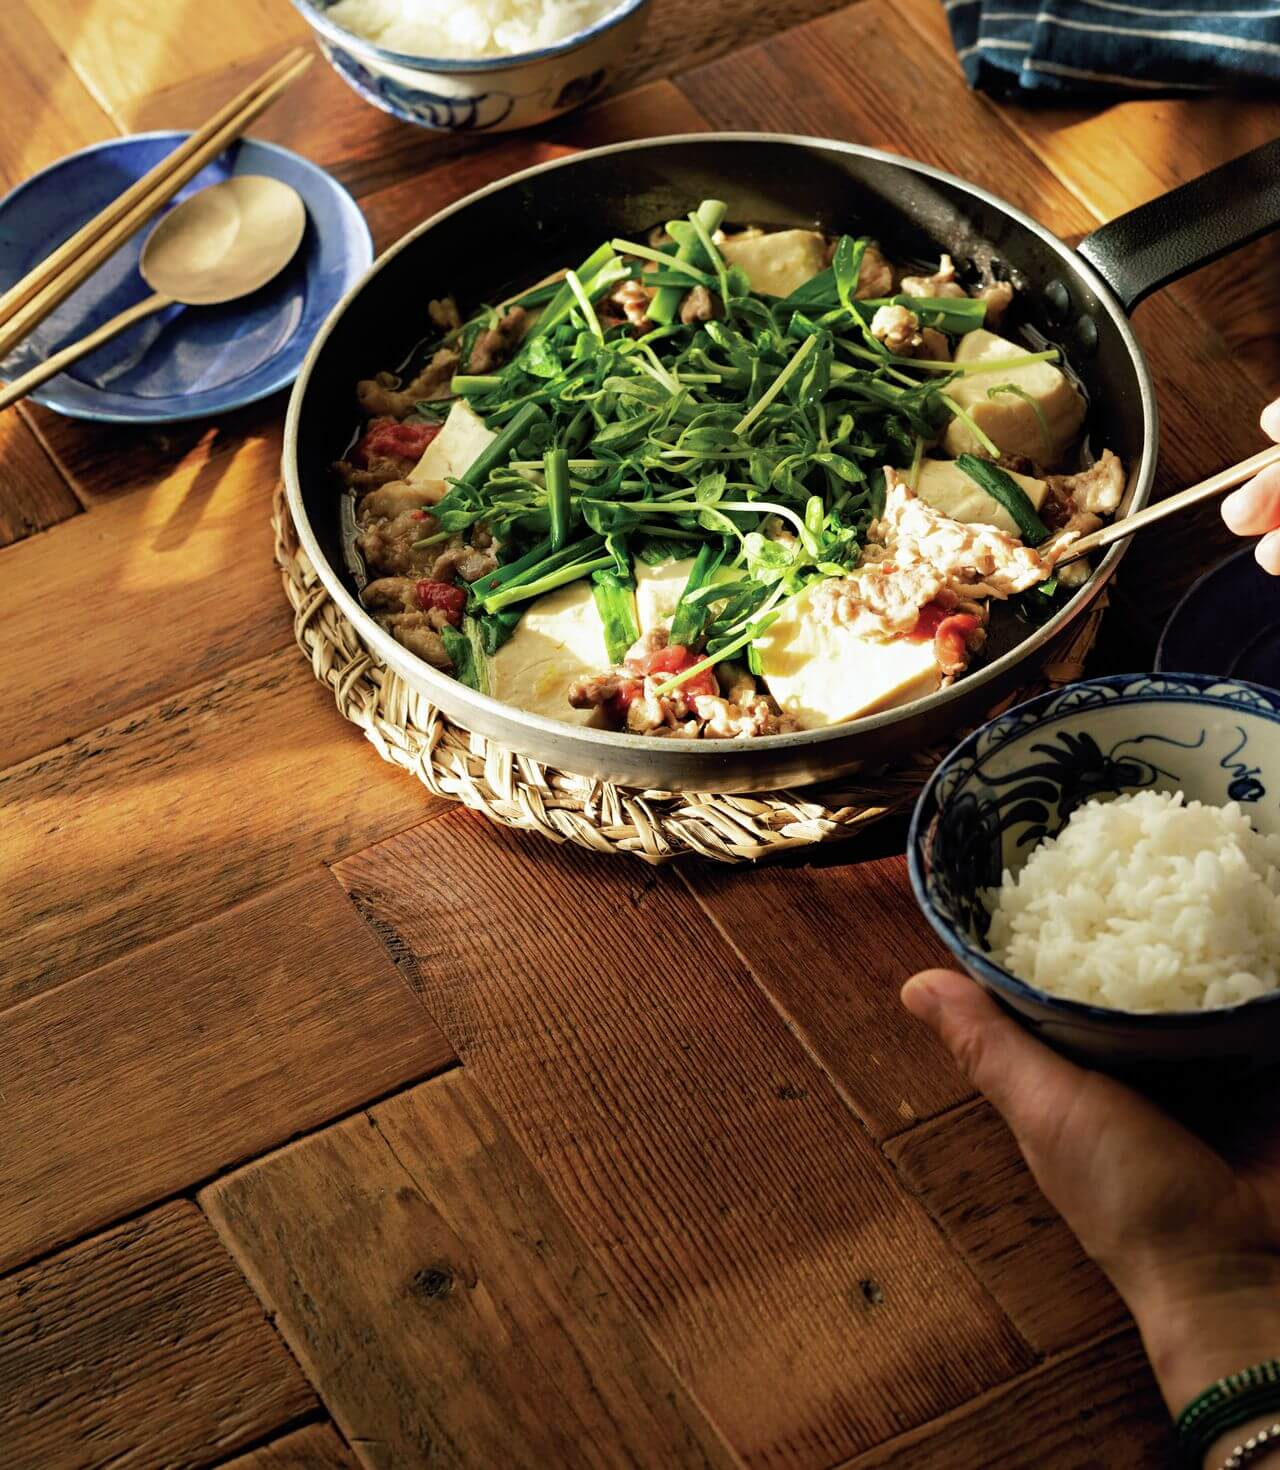 【フライパンひとつ】「豚こまと豆腐の梅マーボ煮込み」レシピ/渡辺麻紀さん